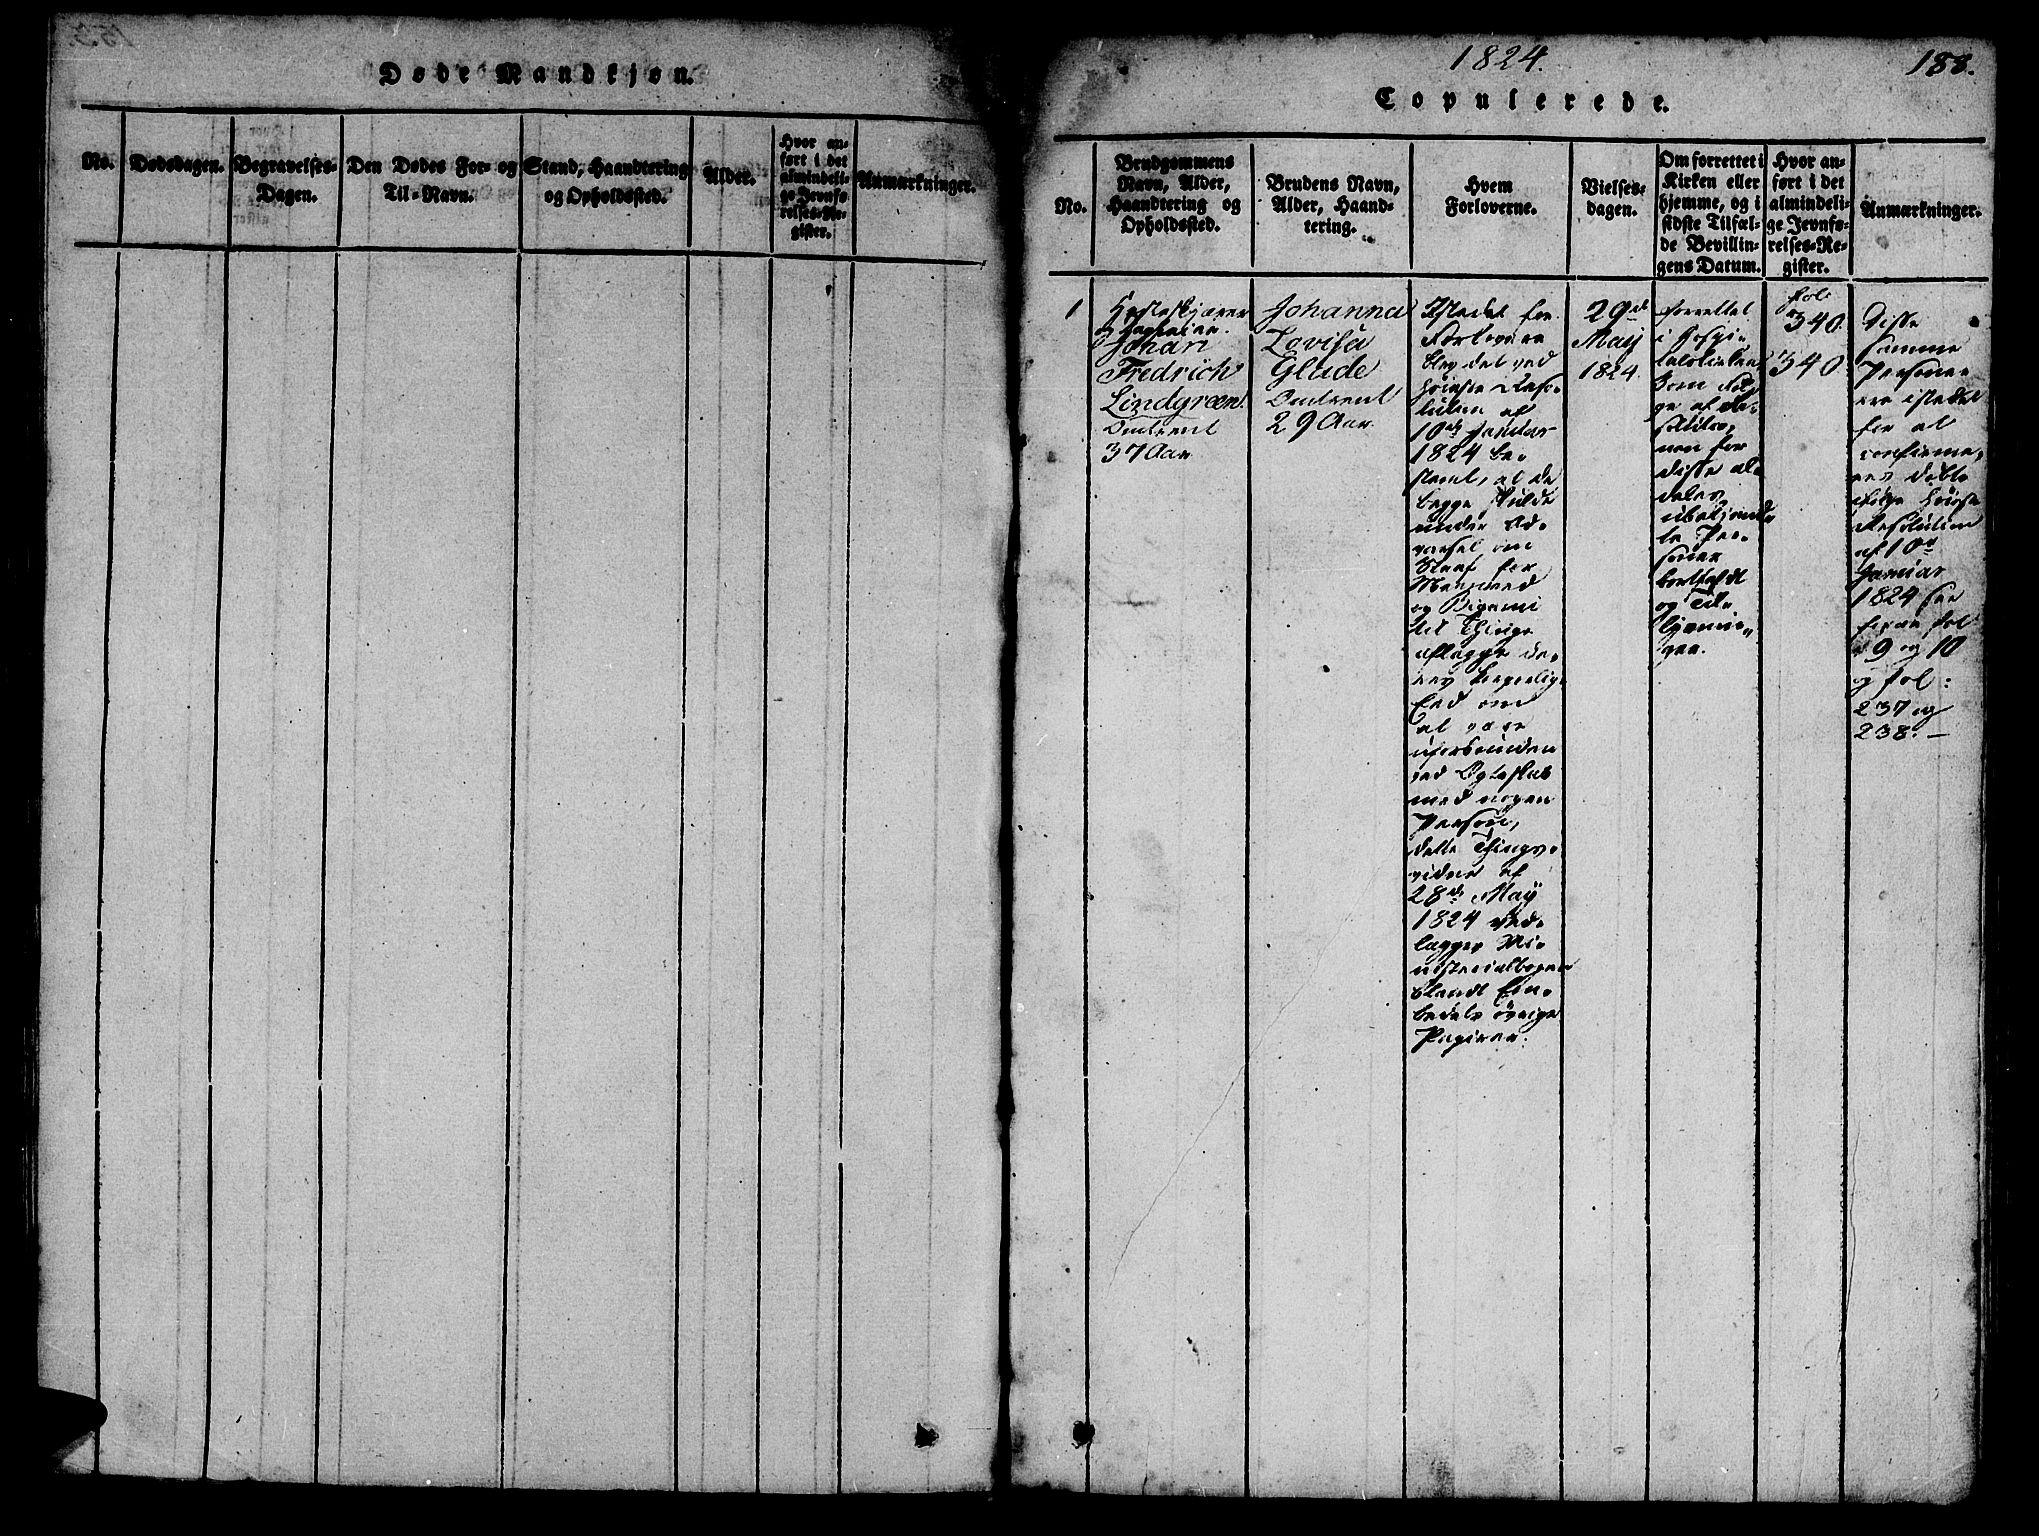 SAT, Ministerialprotokoller, klokkerbøker og fødselsregistre - Sør-Trøndelag, 623/L0478: Klokkerbok nr. 623C01, 1815-1873, s. 188